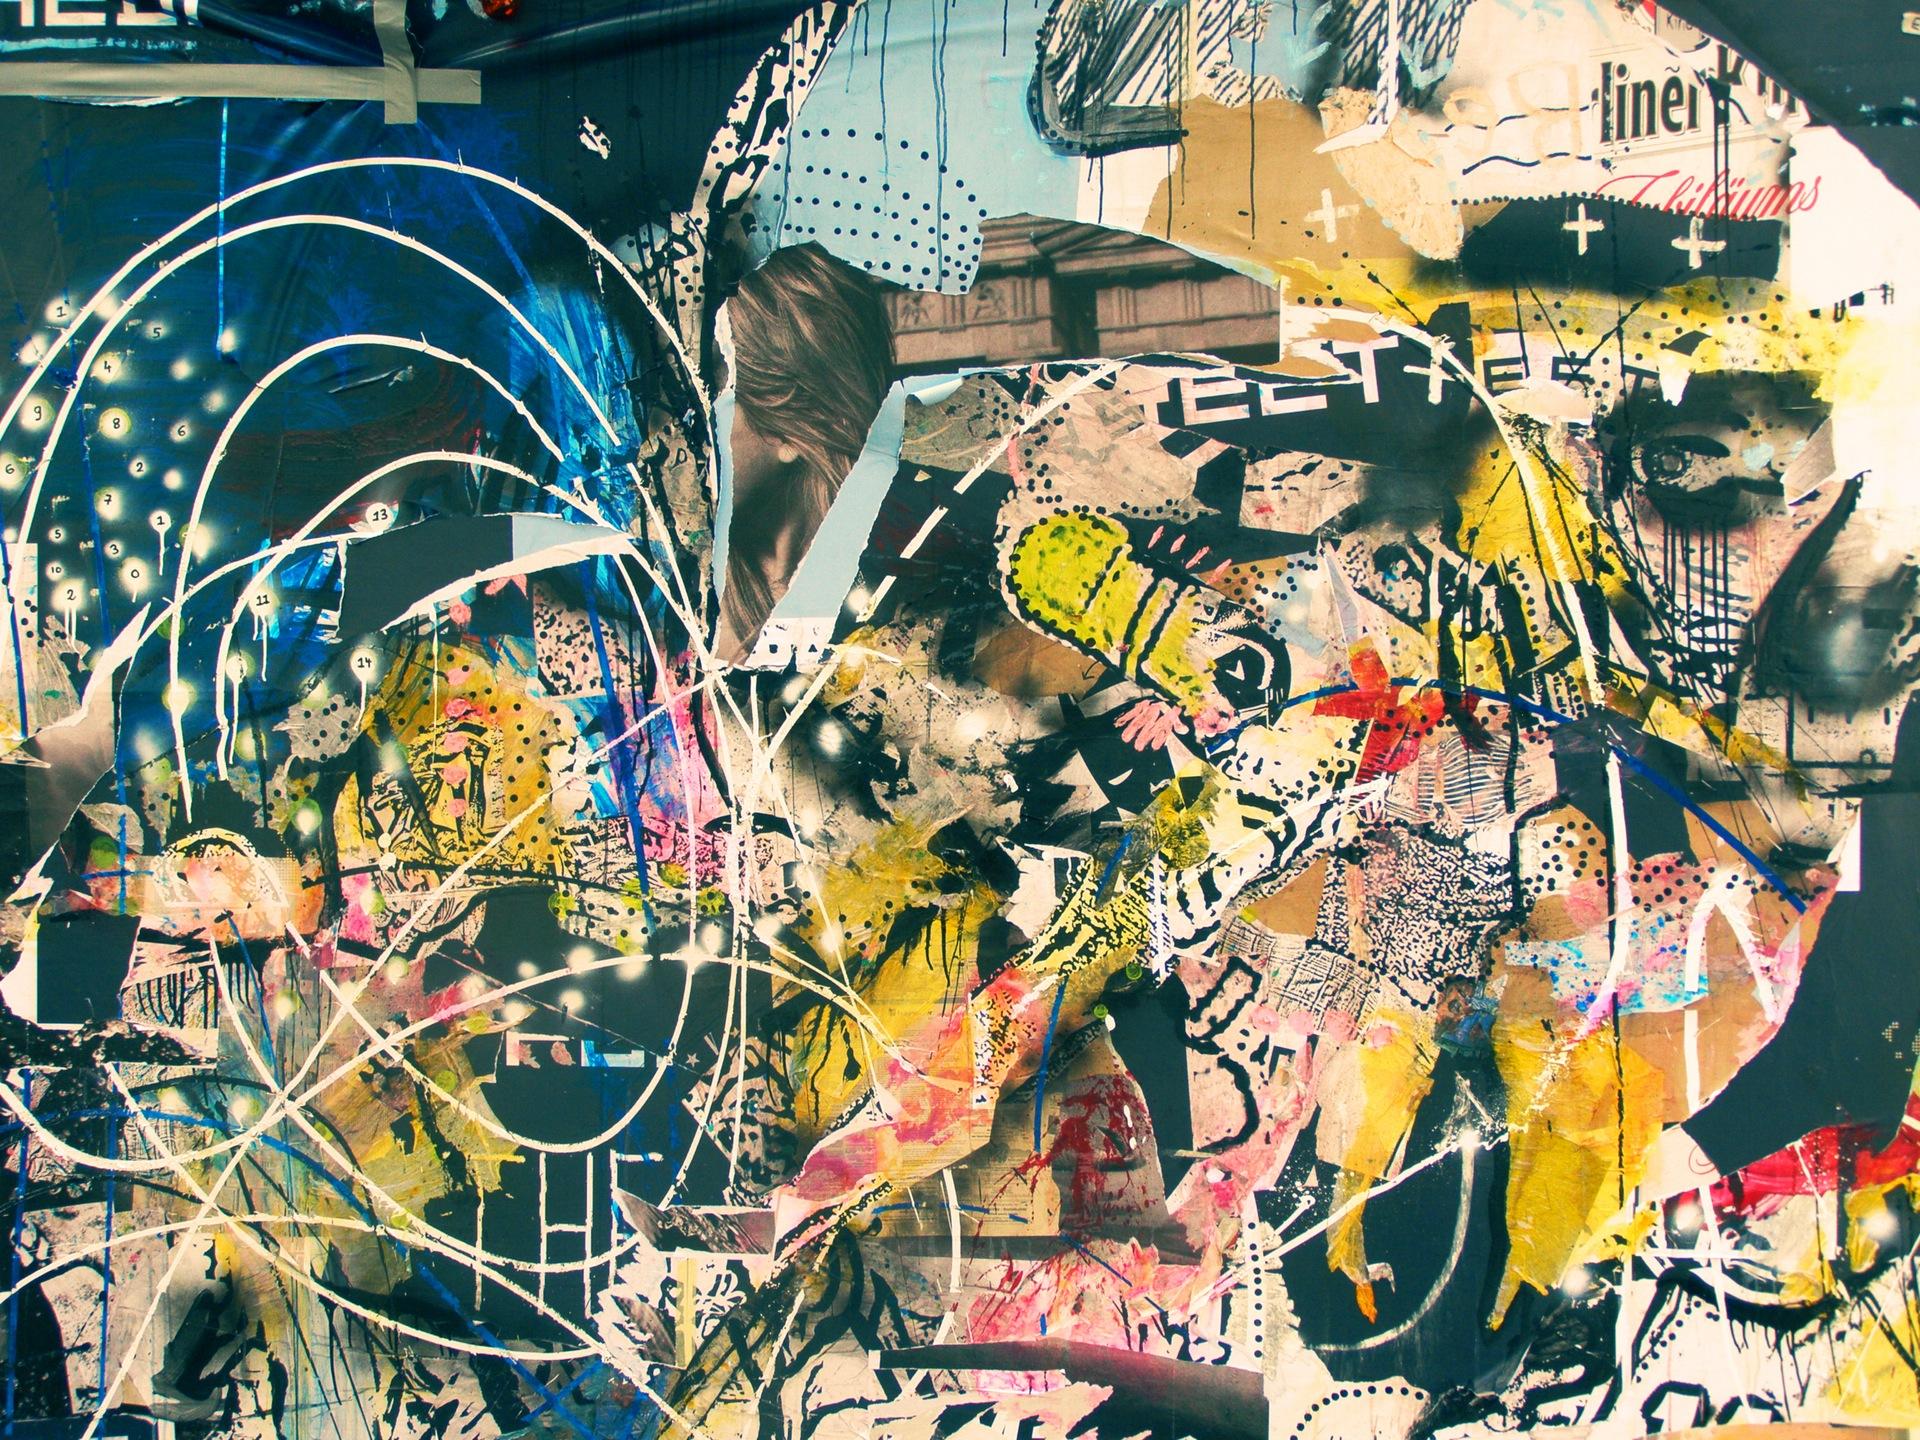 涂鸦, 艺术, 灵感, 街道, 城市 - 高清壁纸 - 教授-falken.com